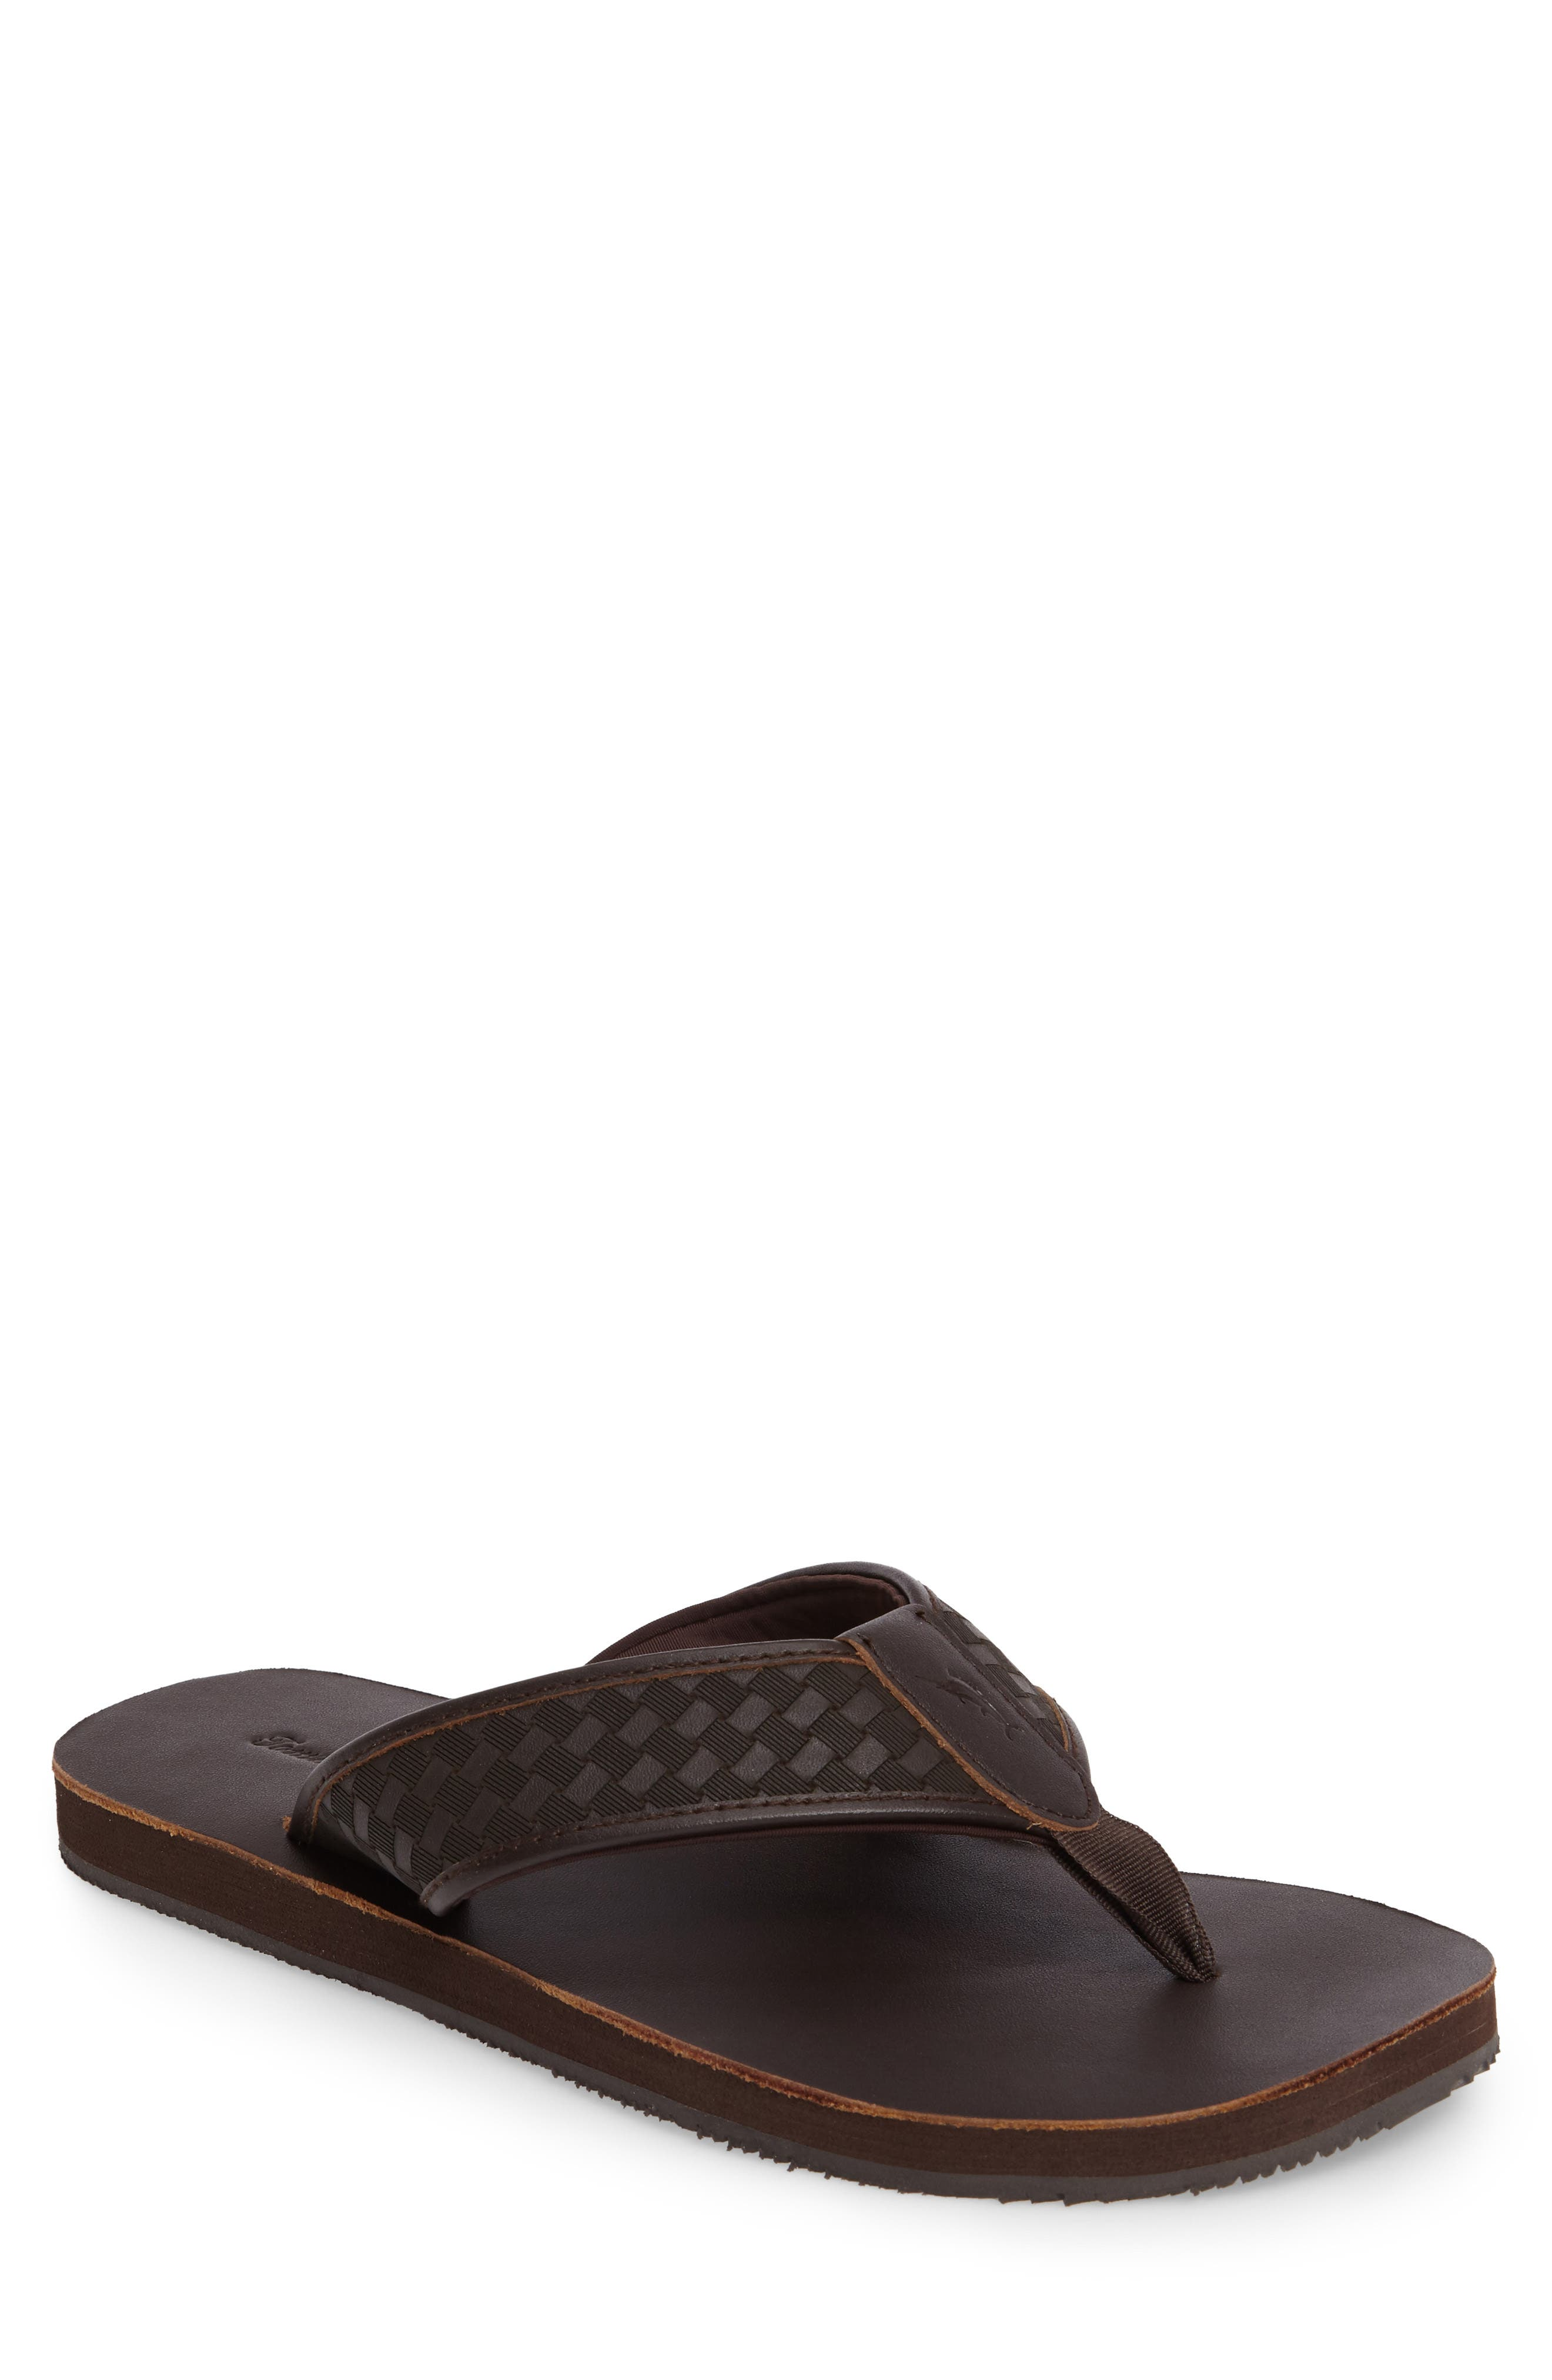 Tommy Bahama Waldon Flip Flop (Men)